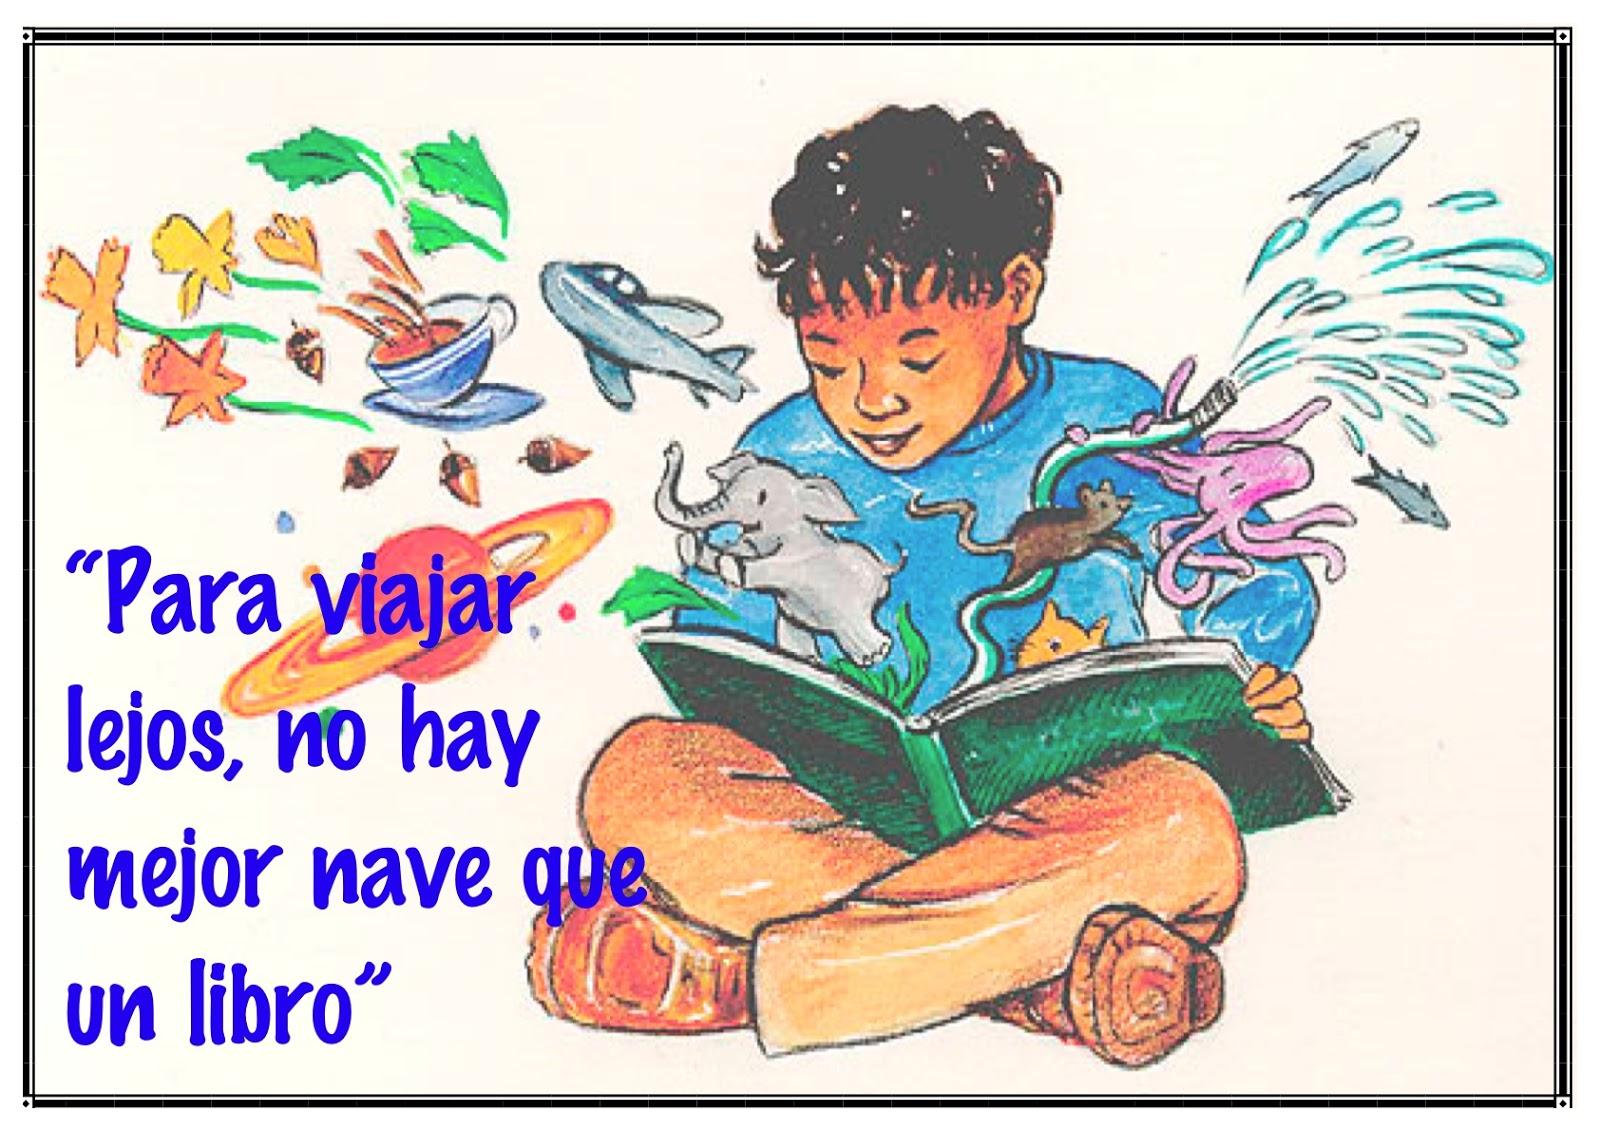 Biblioteca del CEIP Tierno Galván - Armilla: ¡¡Buen viaje!!